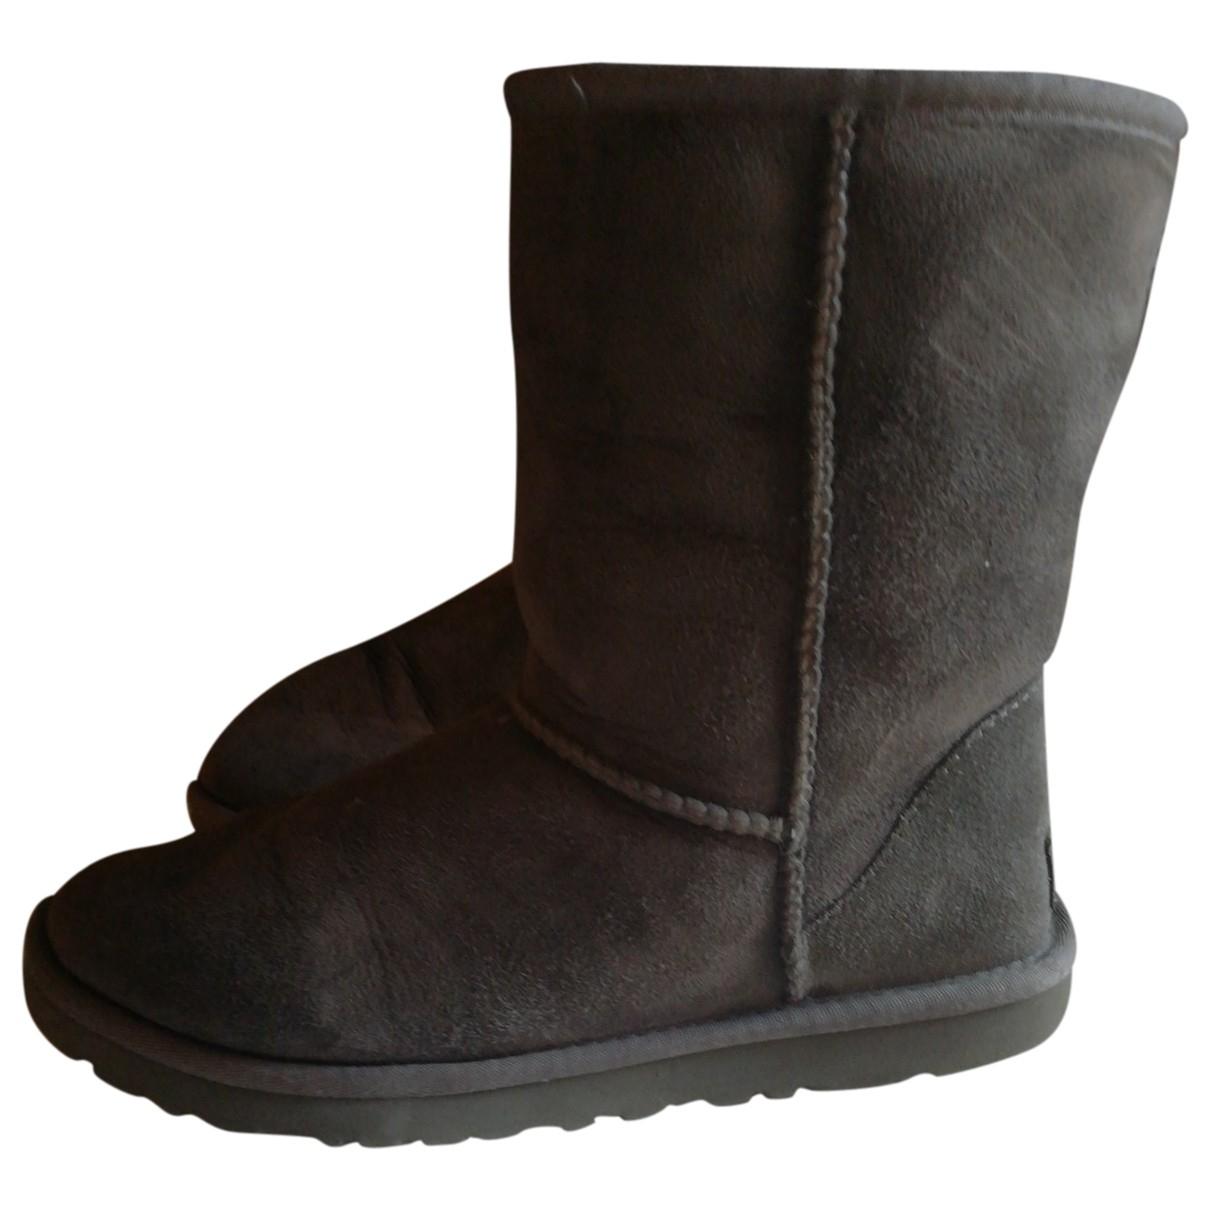 Ugg - Boots   pour femme en cuir - gris